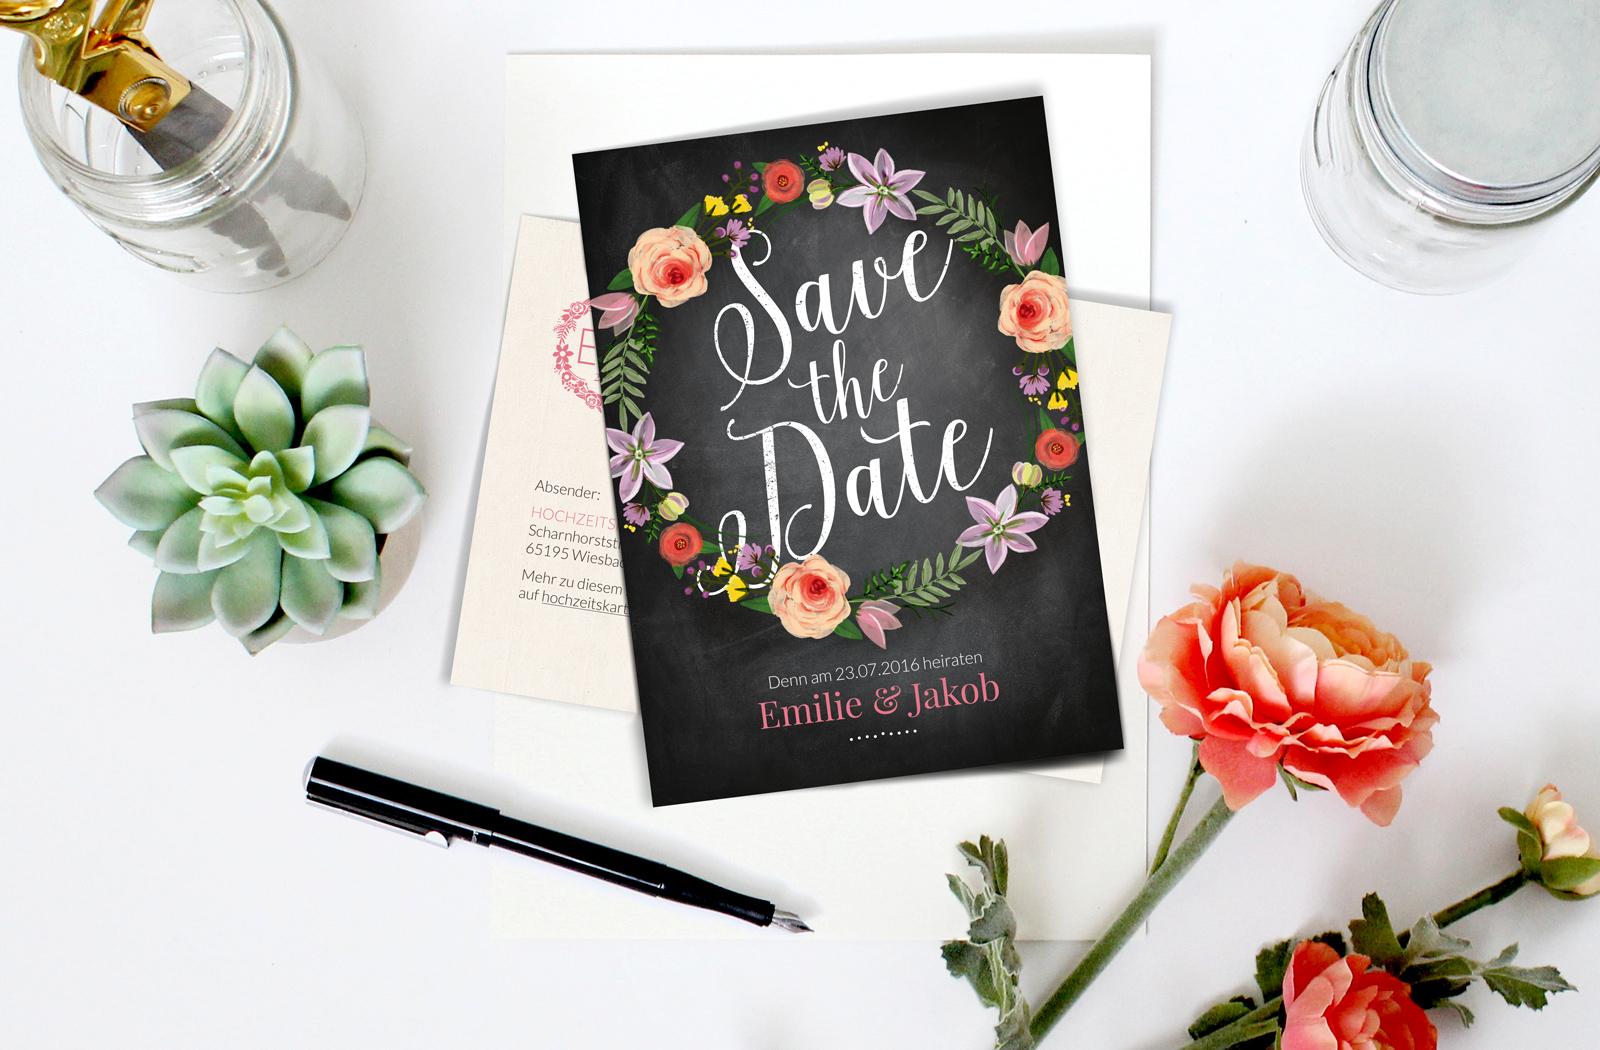 7-Flora-Hochzeitskartendesign-EInladung-Hochzeit-Blumen-Kranz-Tafel-Kreide-Save-the-Date-crop